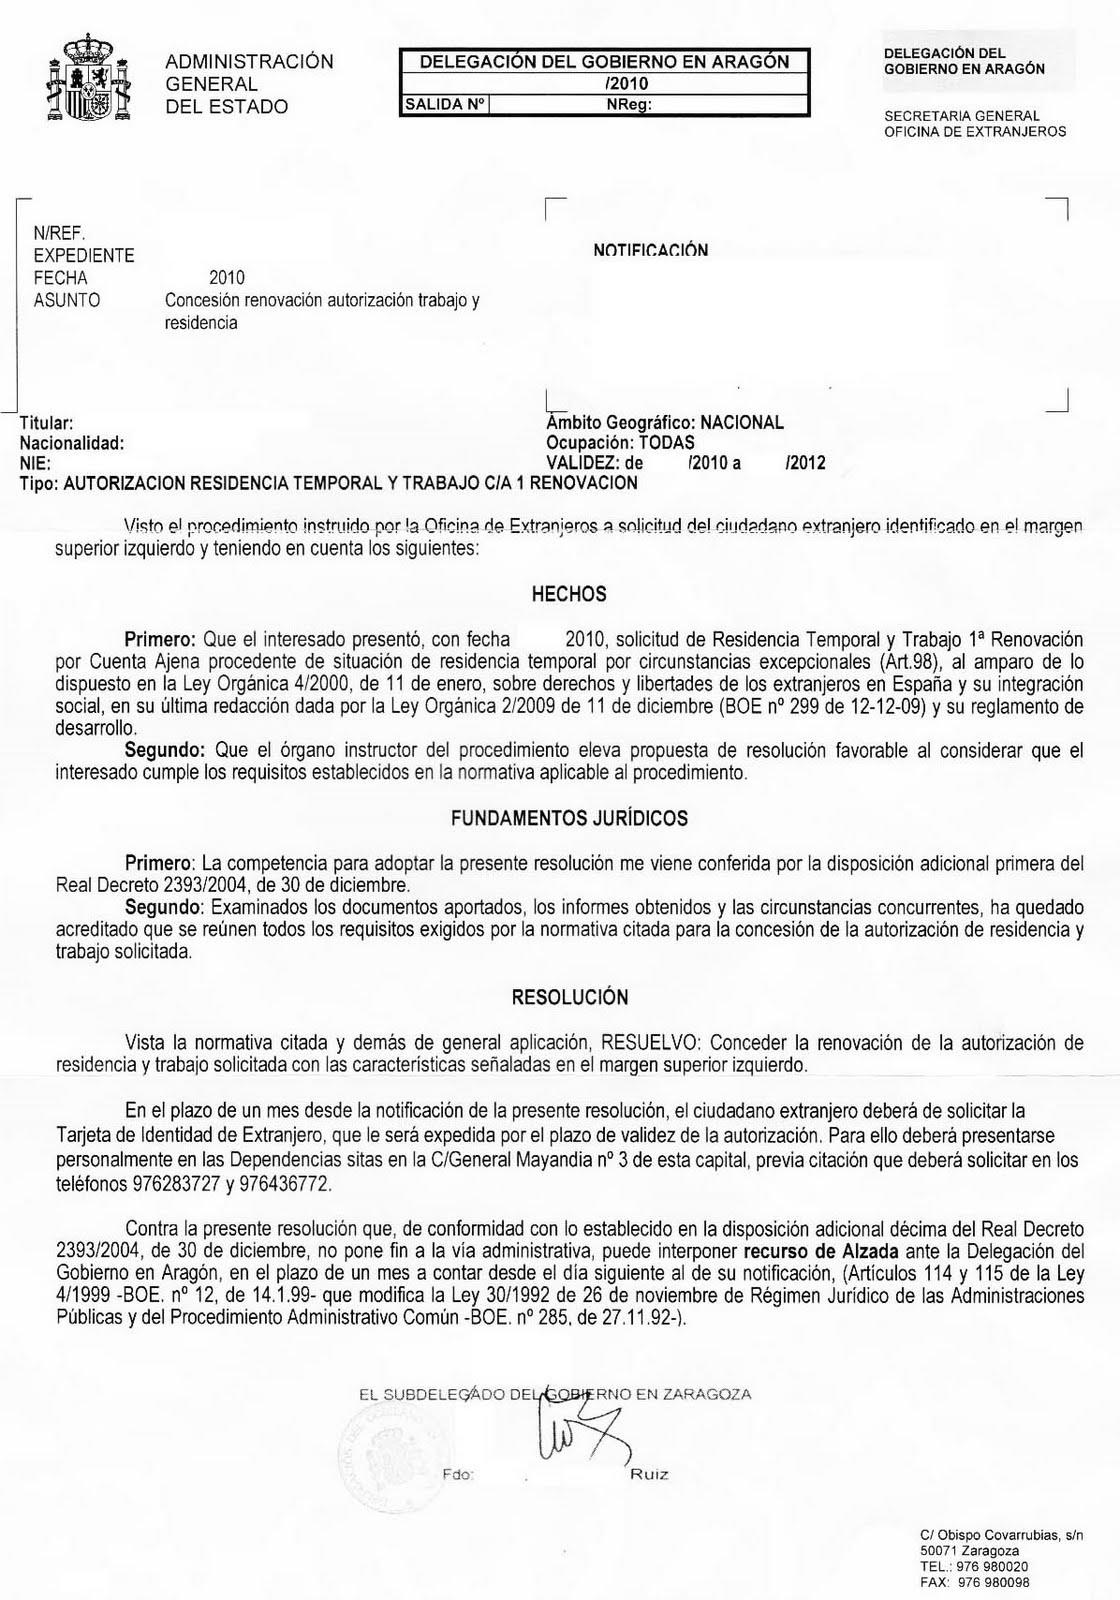 impreso autorizacion trabajo residencia: